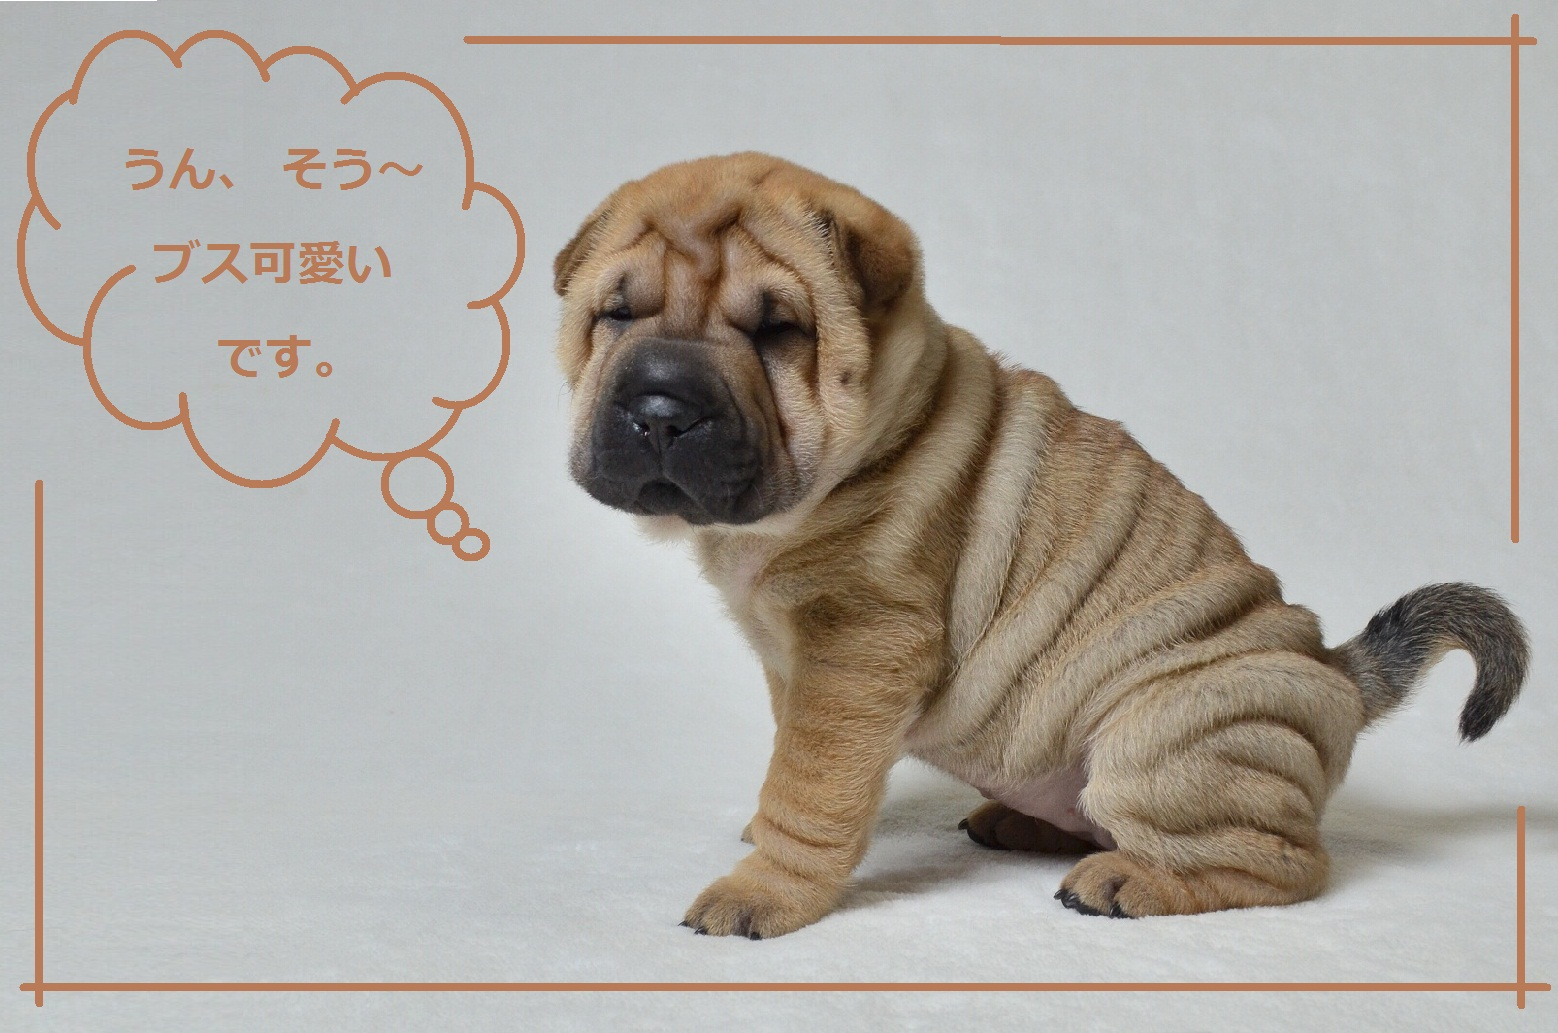 7 可愛い仔犬 Shar-Pei